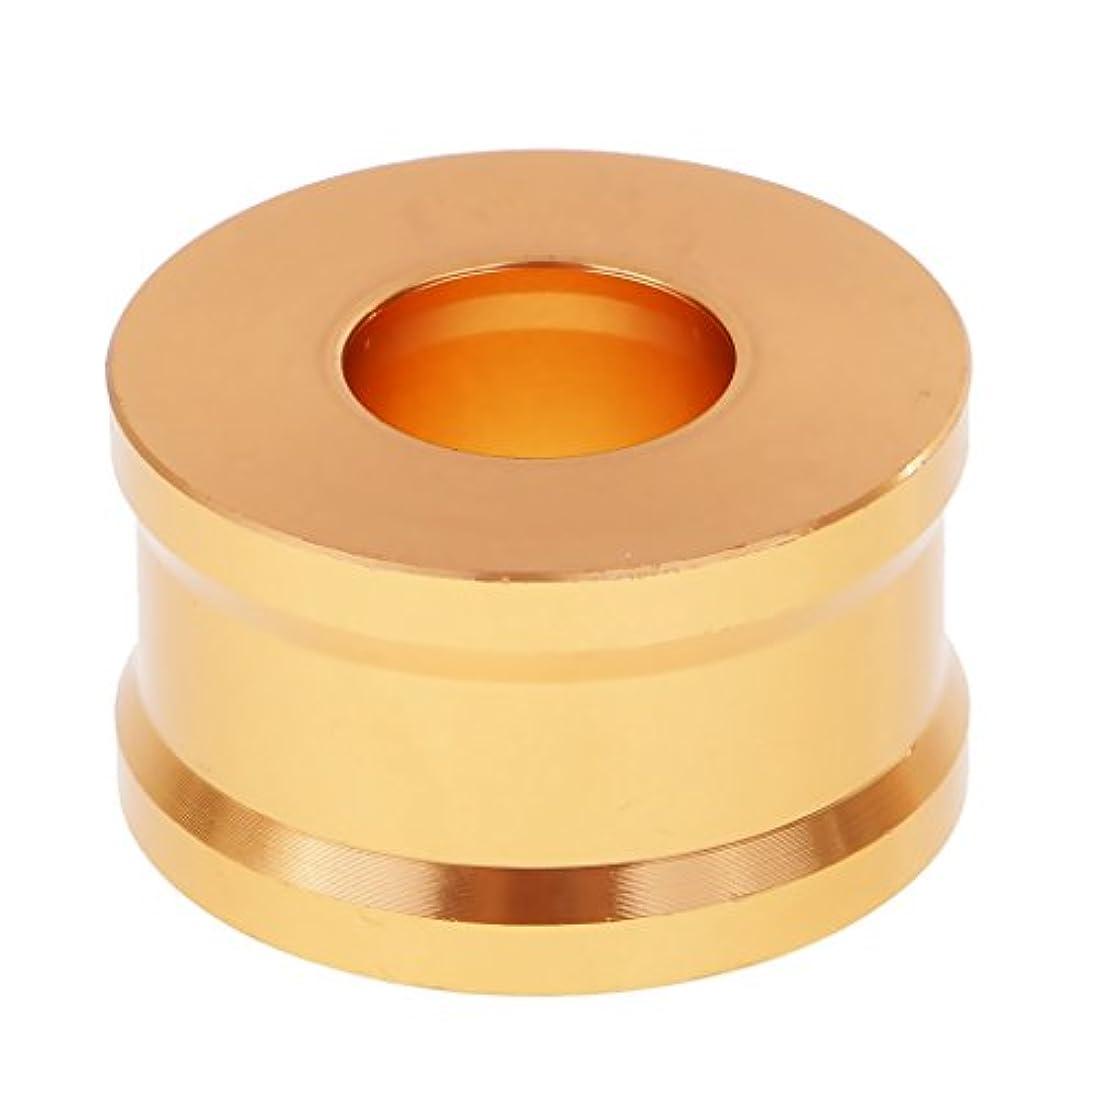 バックコンサート検索エンジン最適化Injoyo パーソナリティメイクアップツール口紅化粧品DIY金型/金型製作ツール12.1mmチューブ用シリコン口紅金型充填リング